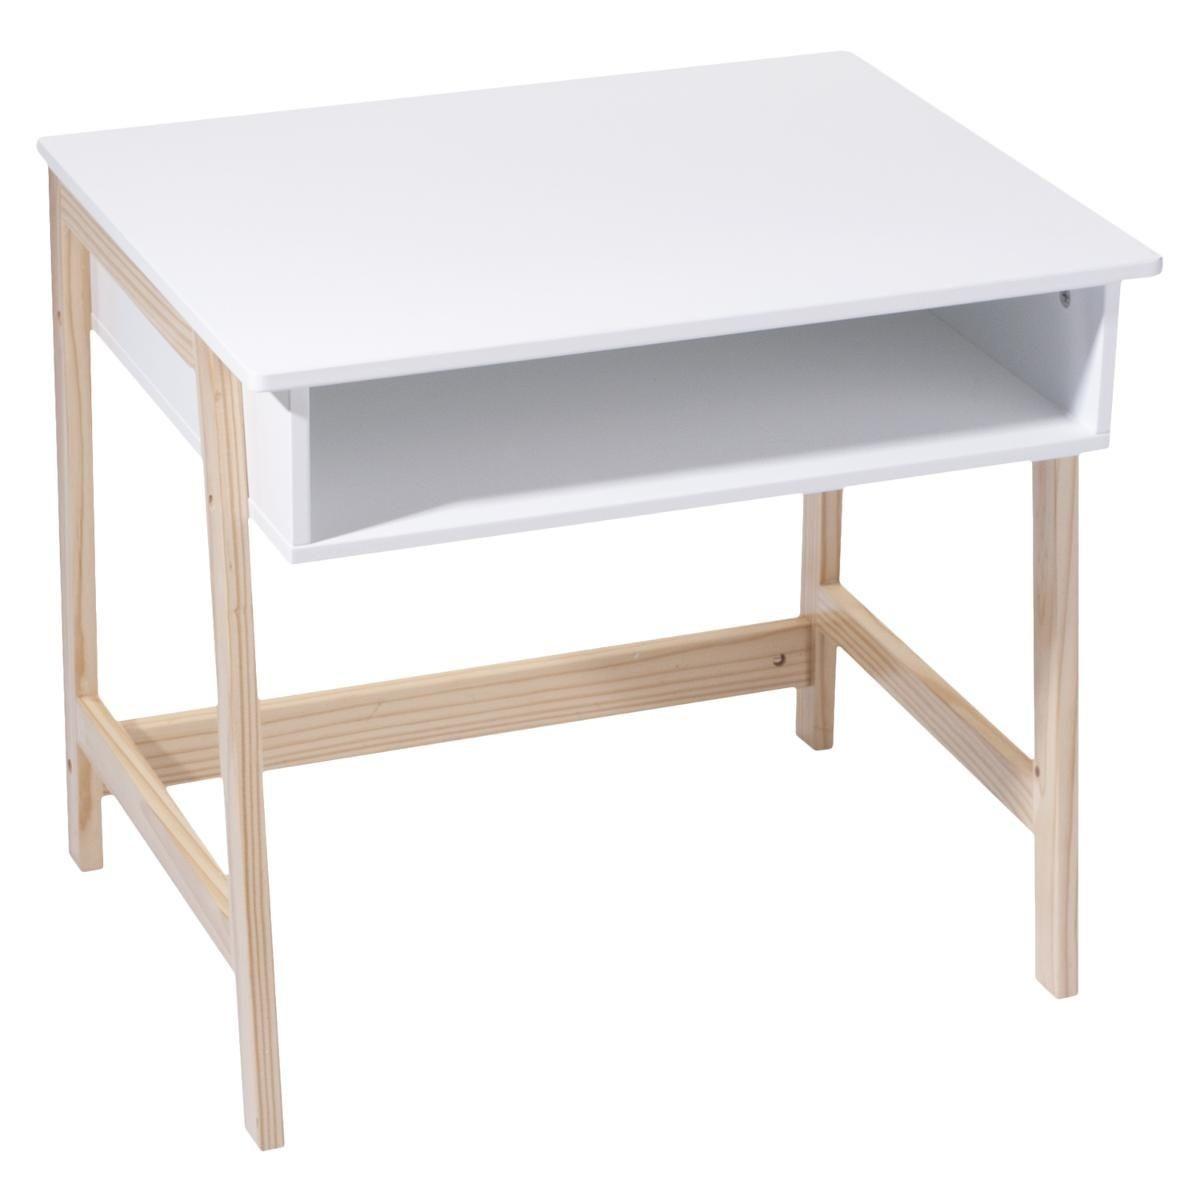 Bureau blanc en bois pour enfant Veo shop